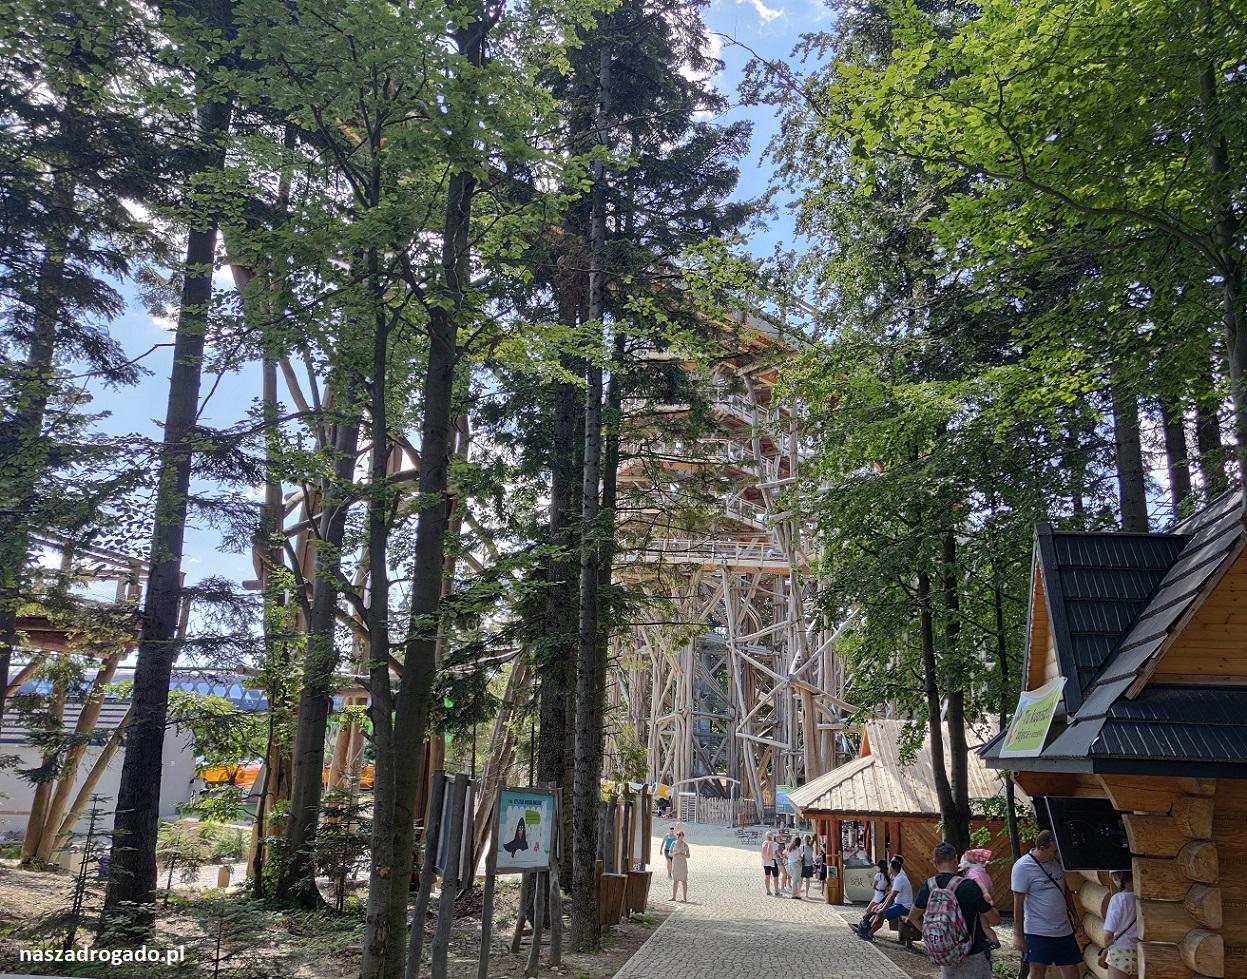 wieża widokowa scieżka w koronach drzew Krynica Zdrój